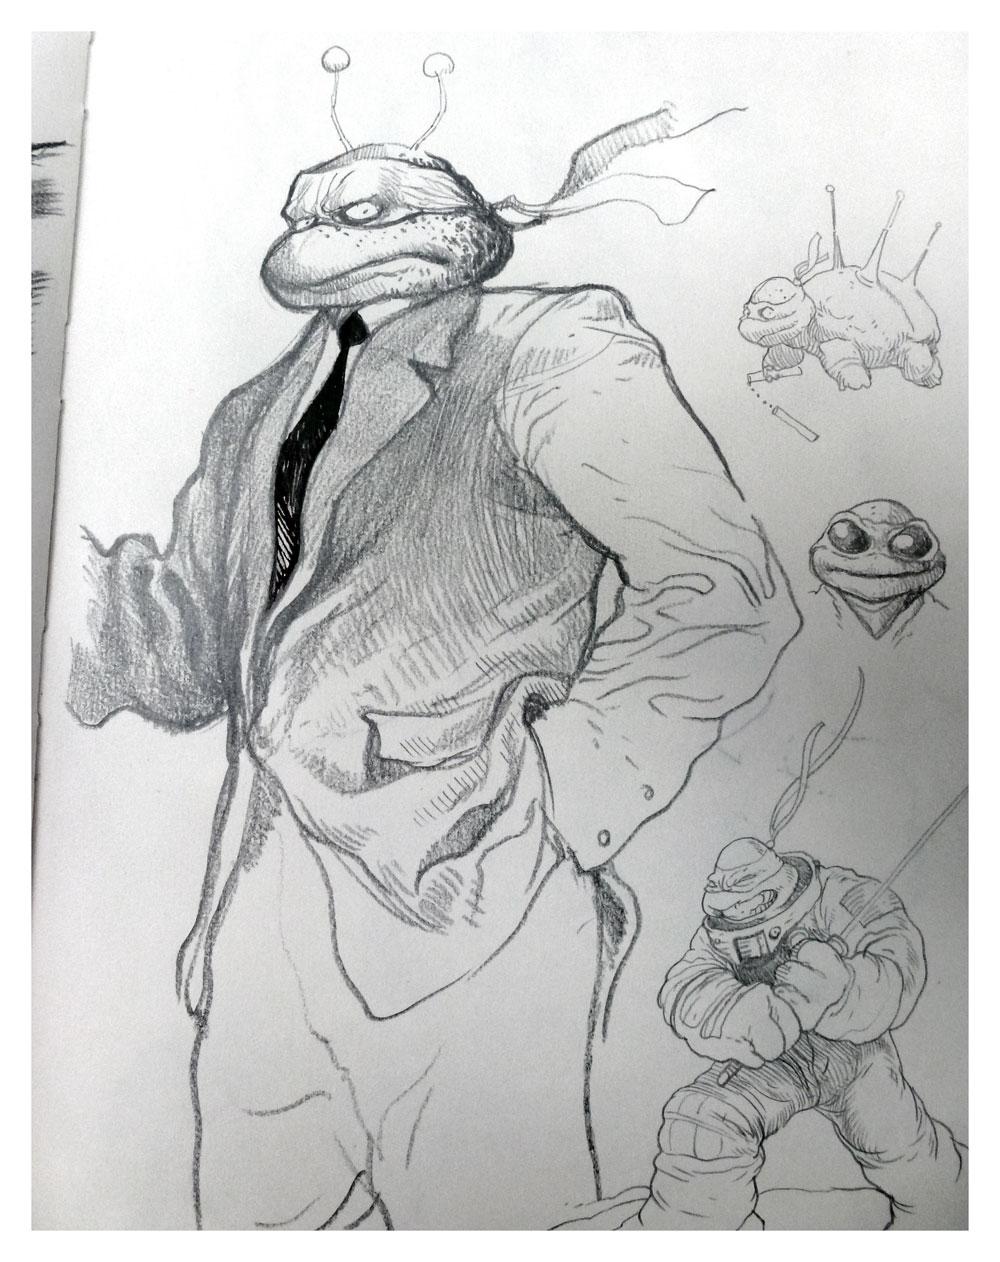 ninja-turtle-suit-braga-02